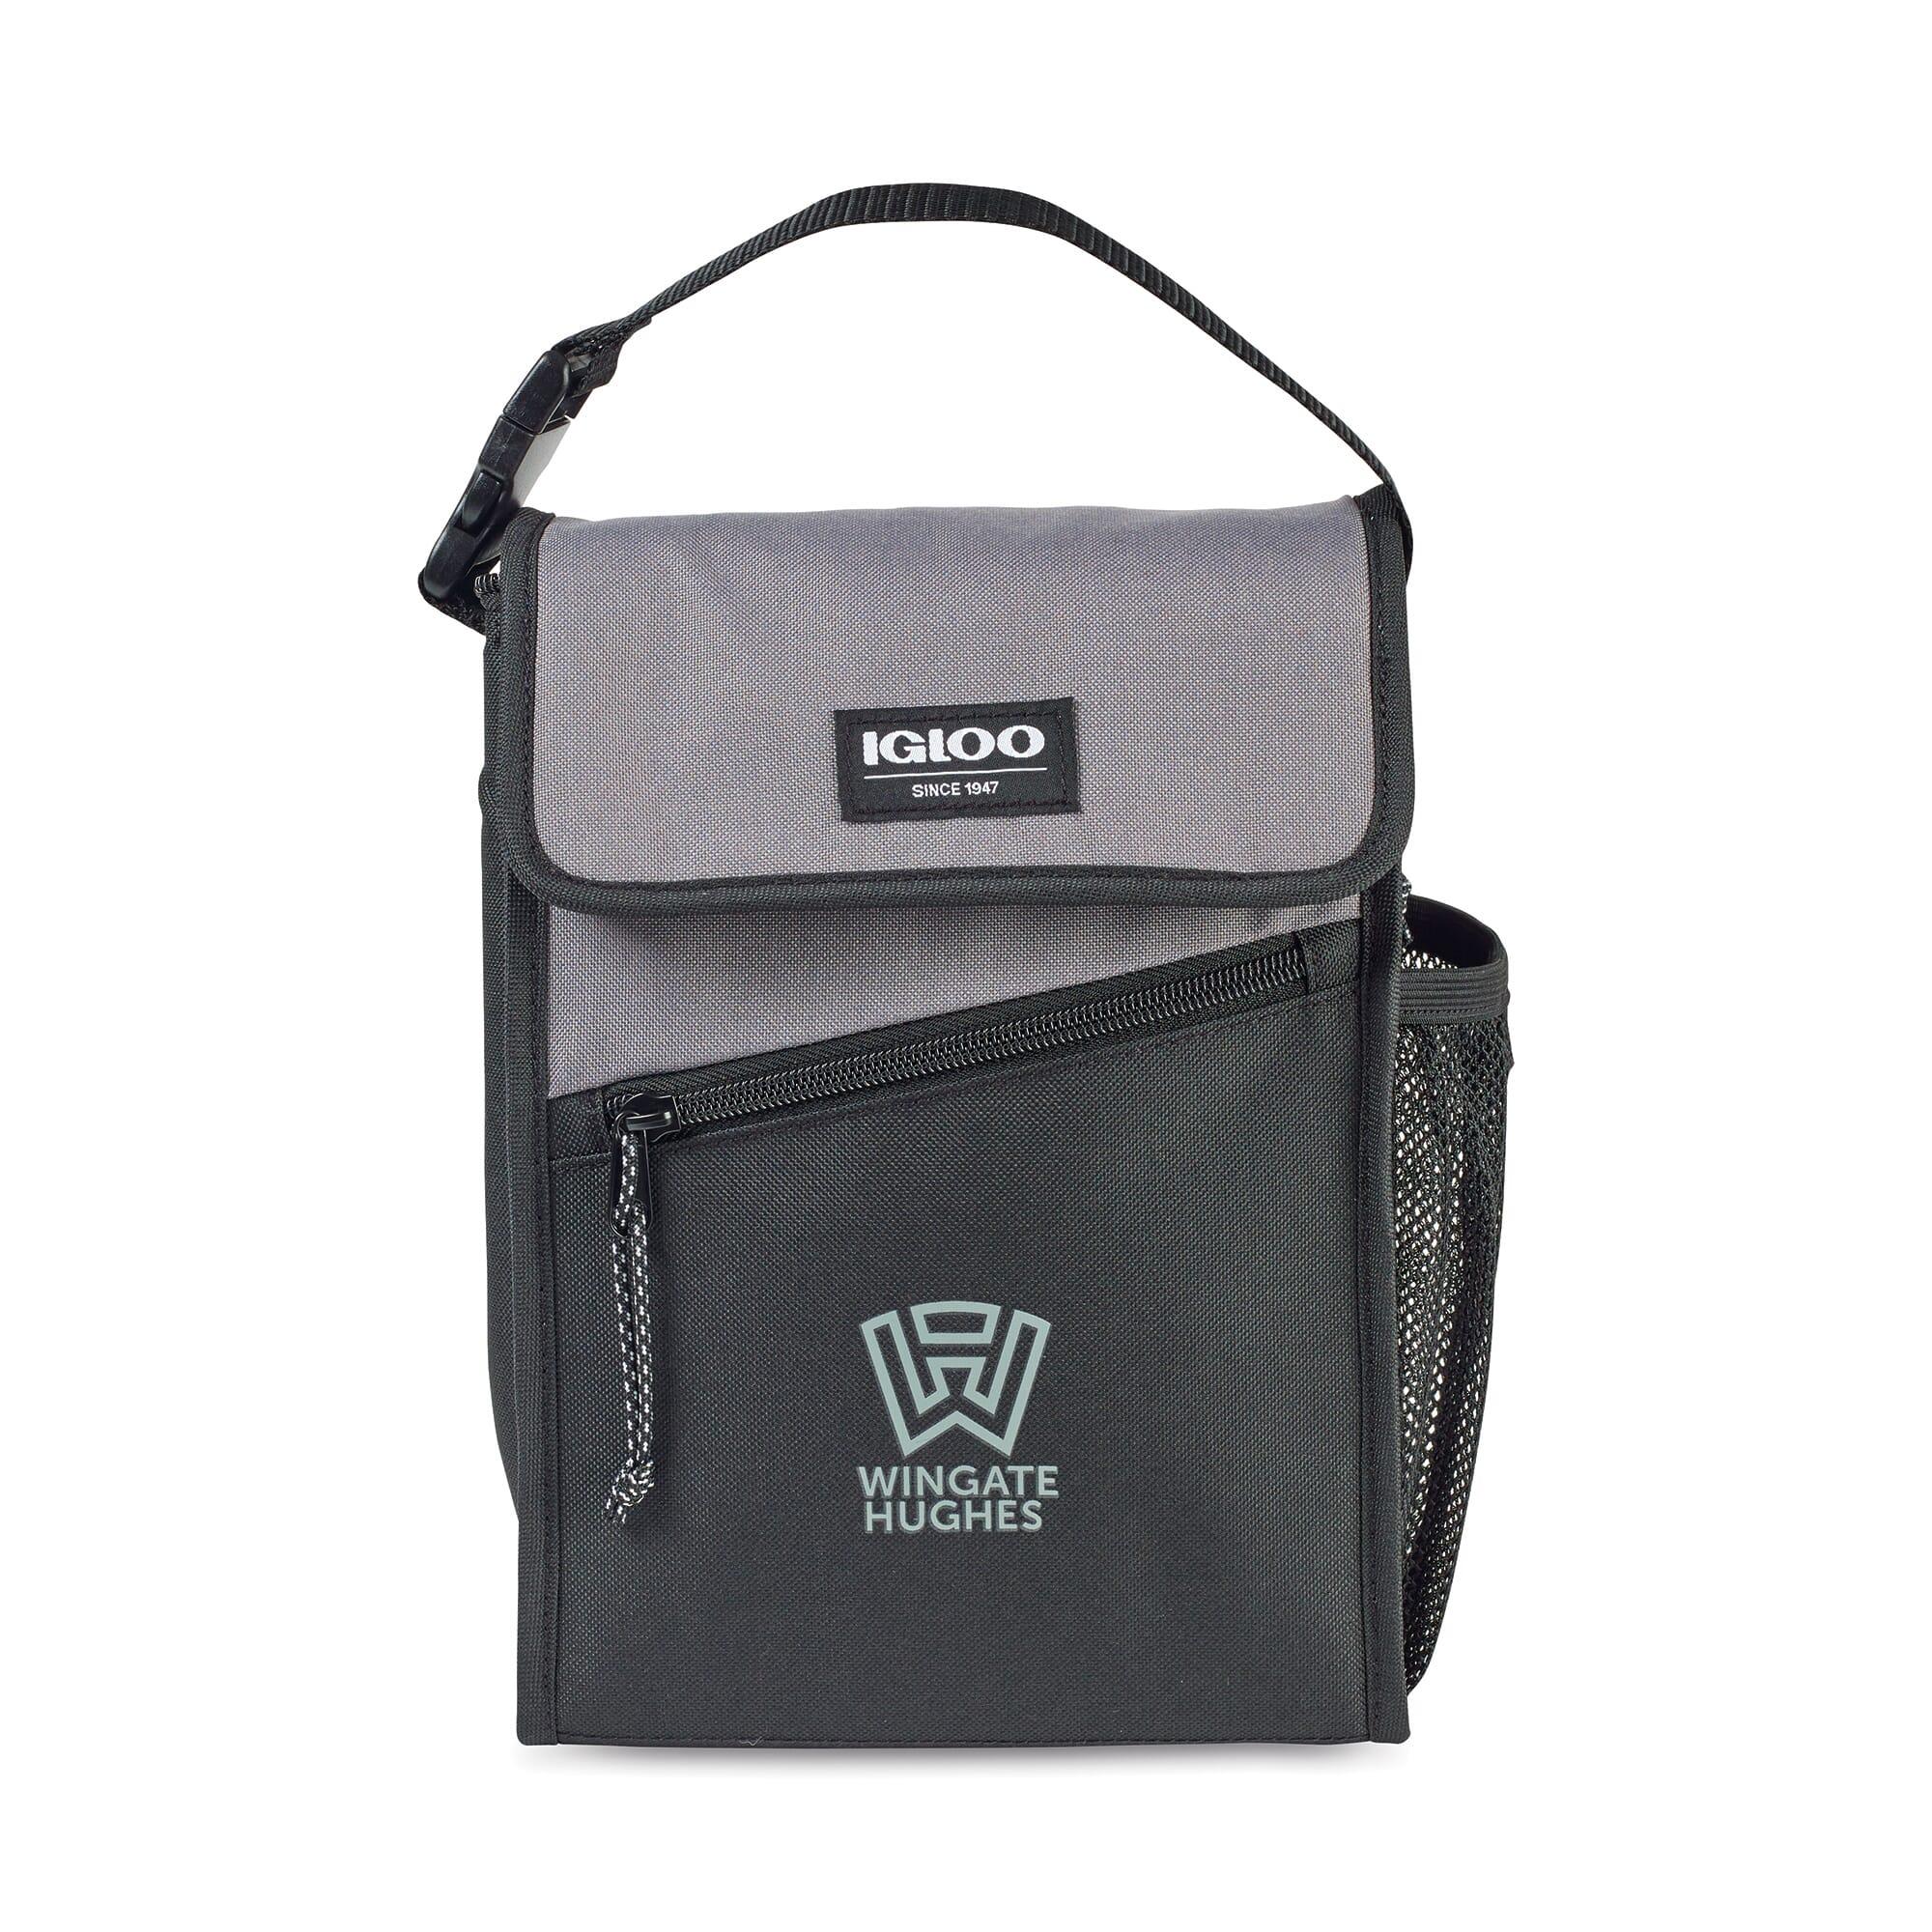 gray and black igloo inslated lunch bag